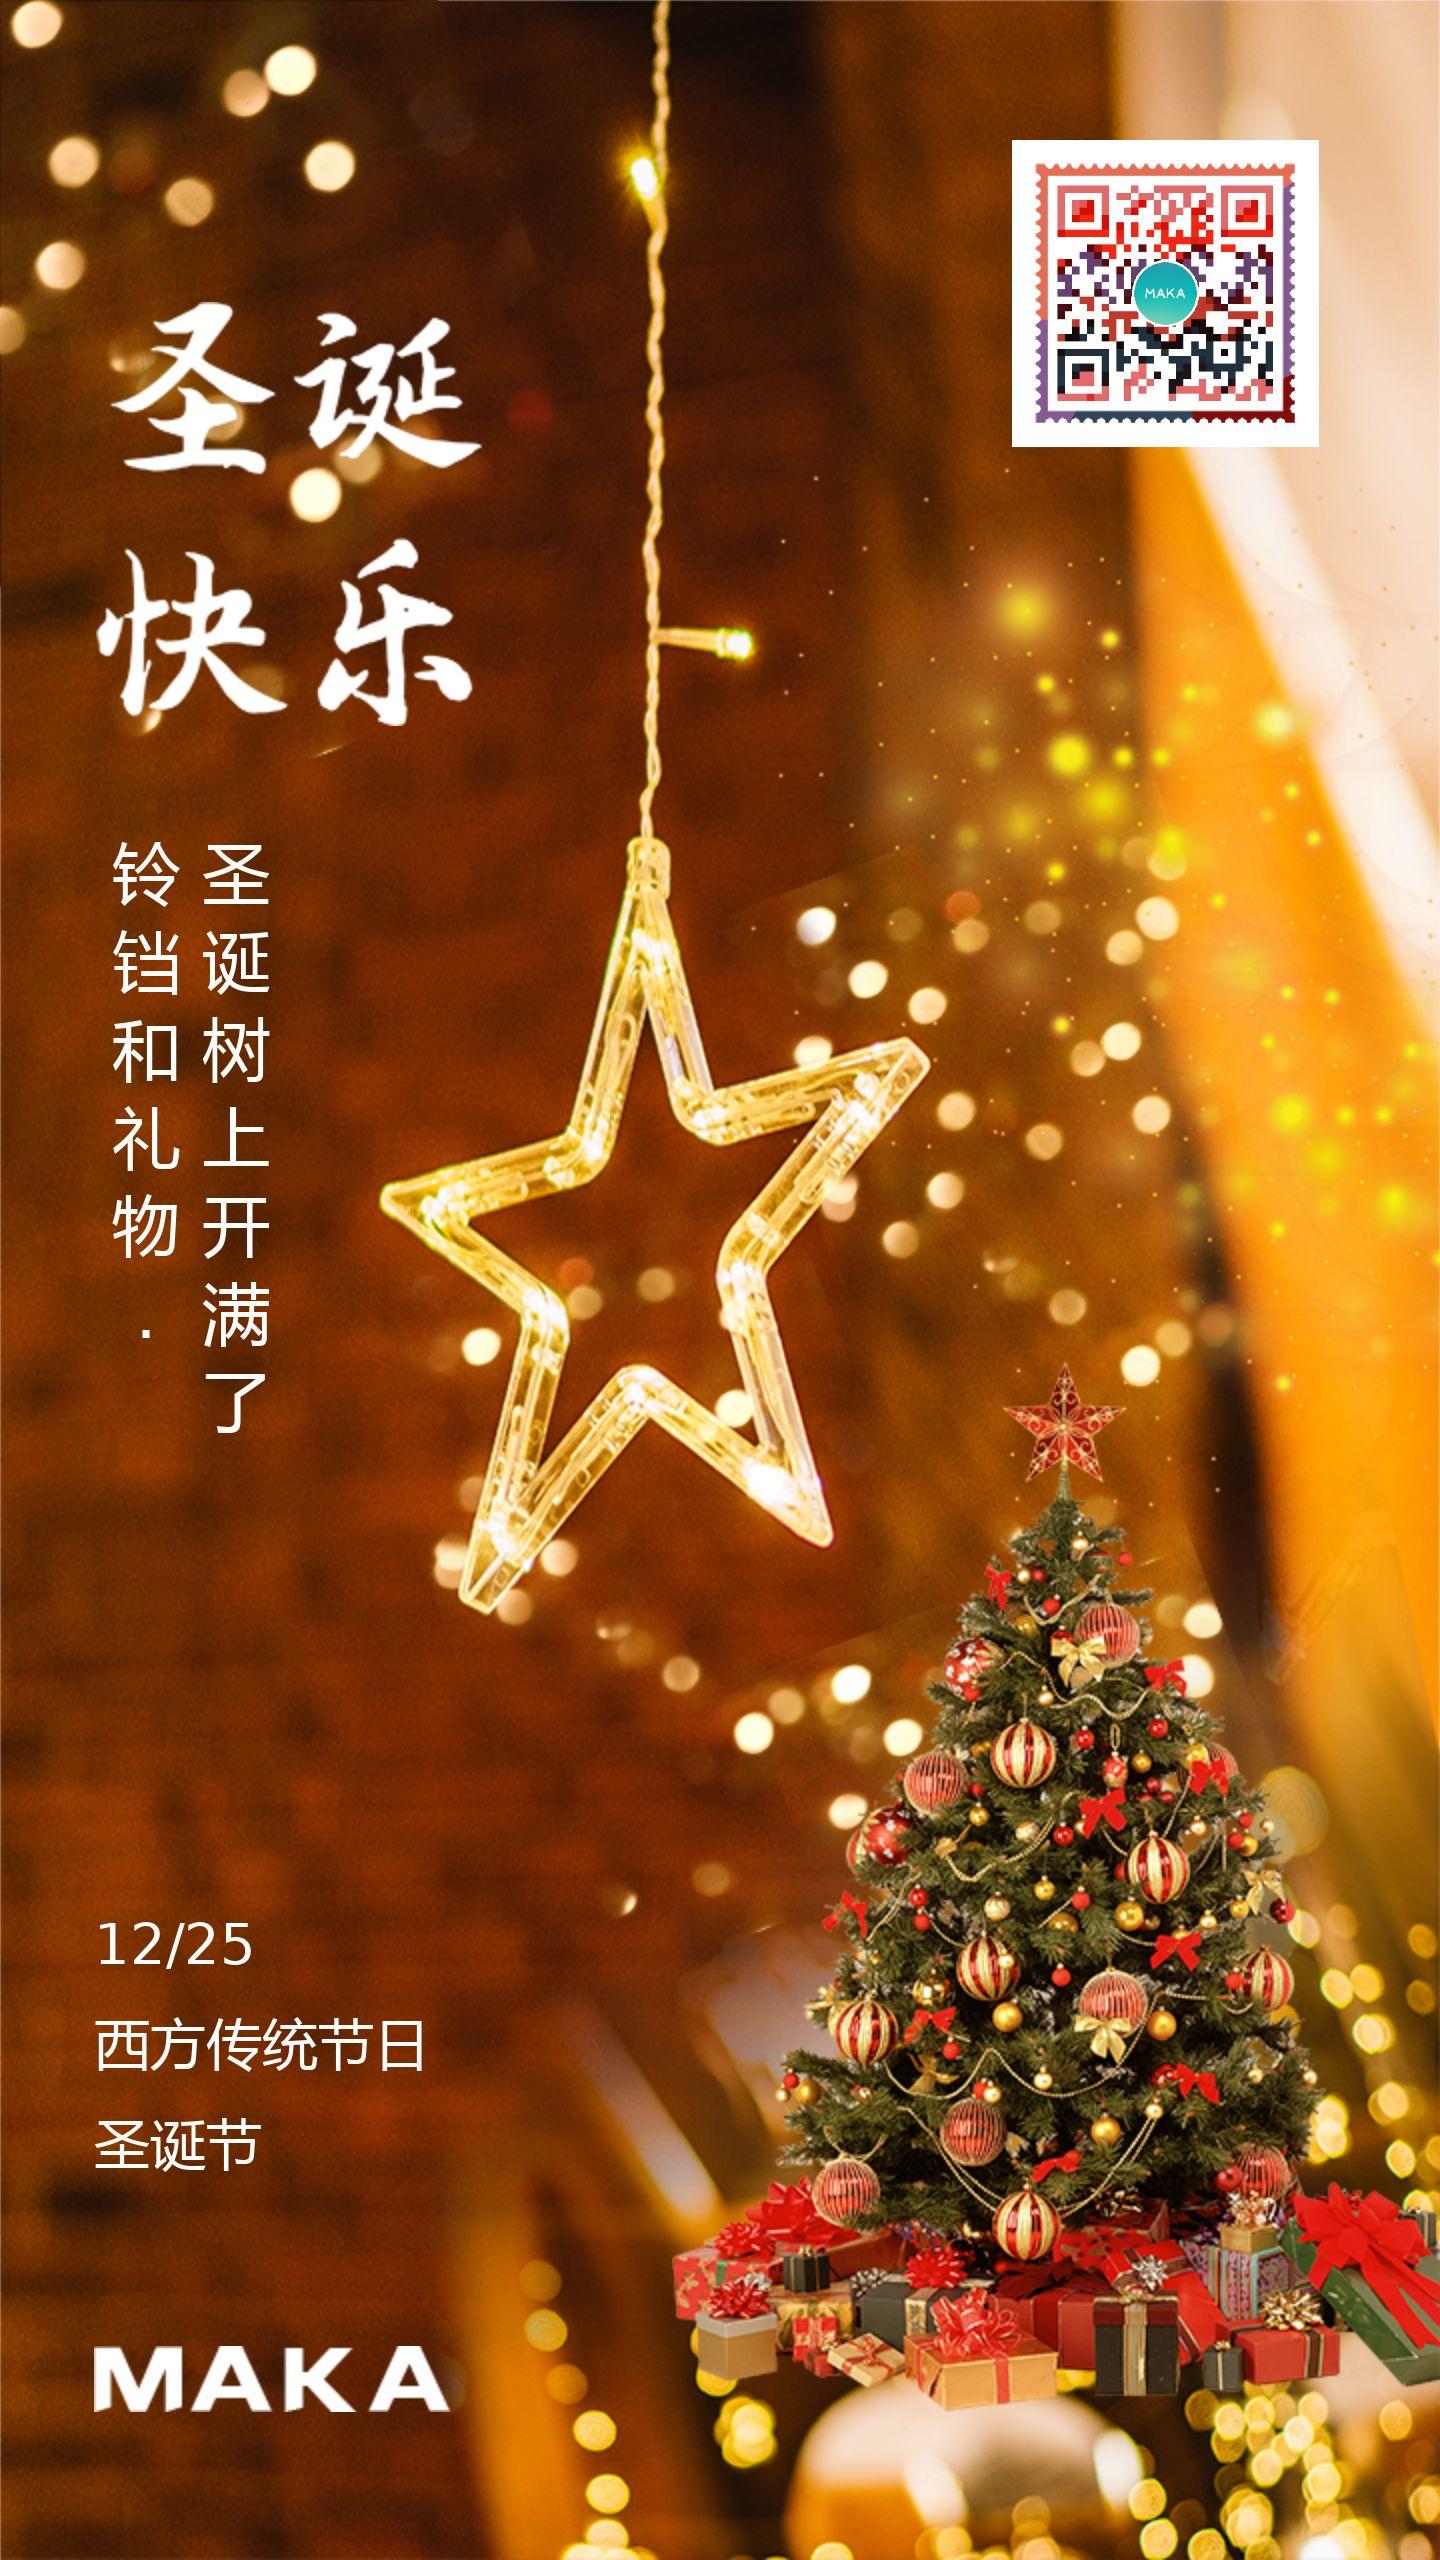 浪漫唯美圣诞节节日宣传海报